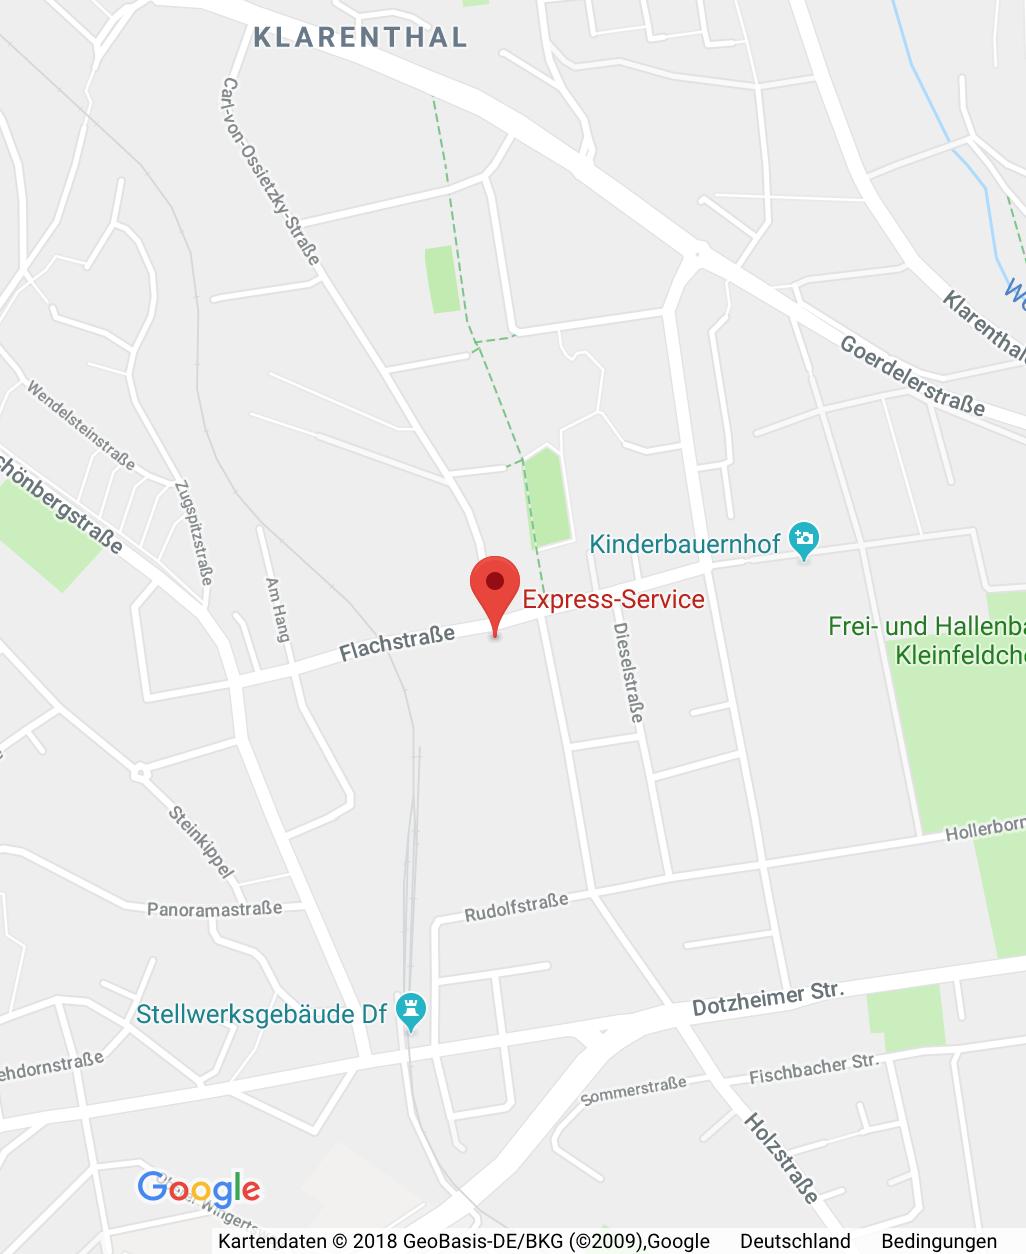 Schlüsseldienst Express Service, Google Maps, Location, GPS, Wiesbaden, Westcenter, Flachstraße, Sicherheitstechnik